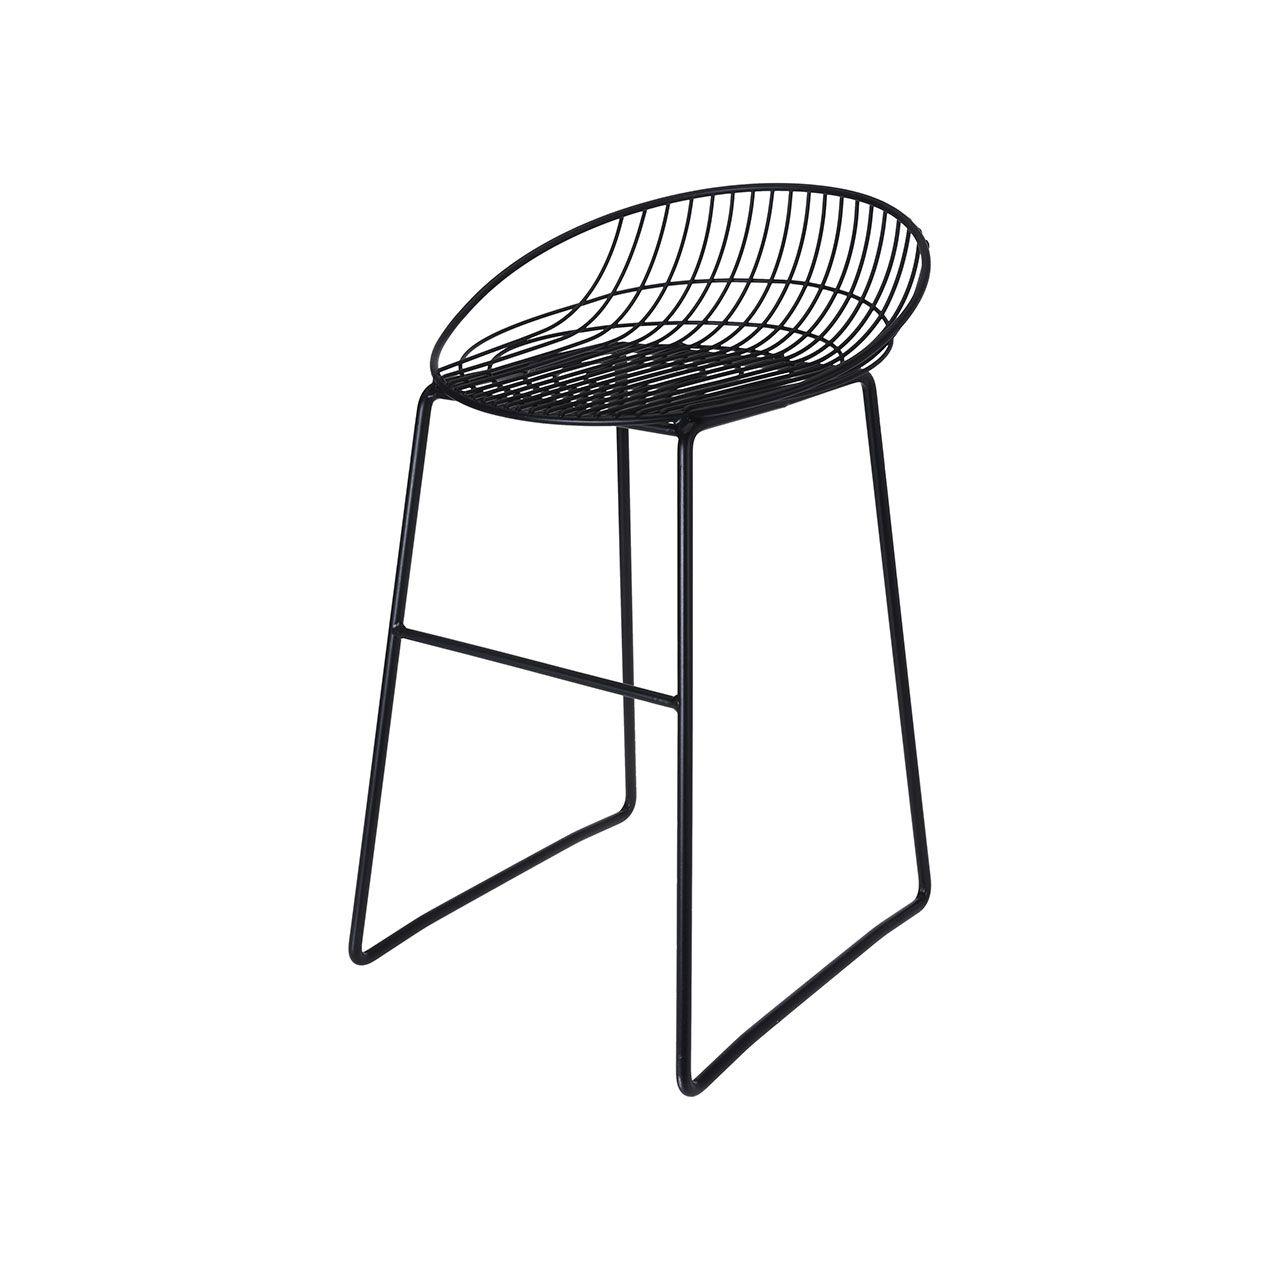 Krzesło Metalowe Taboret Czarny 7251922841 Oficjalne Archiwum